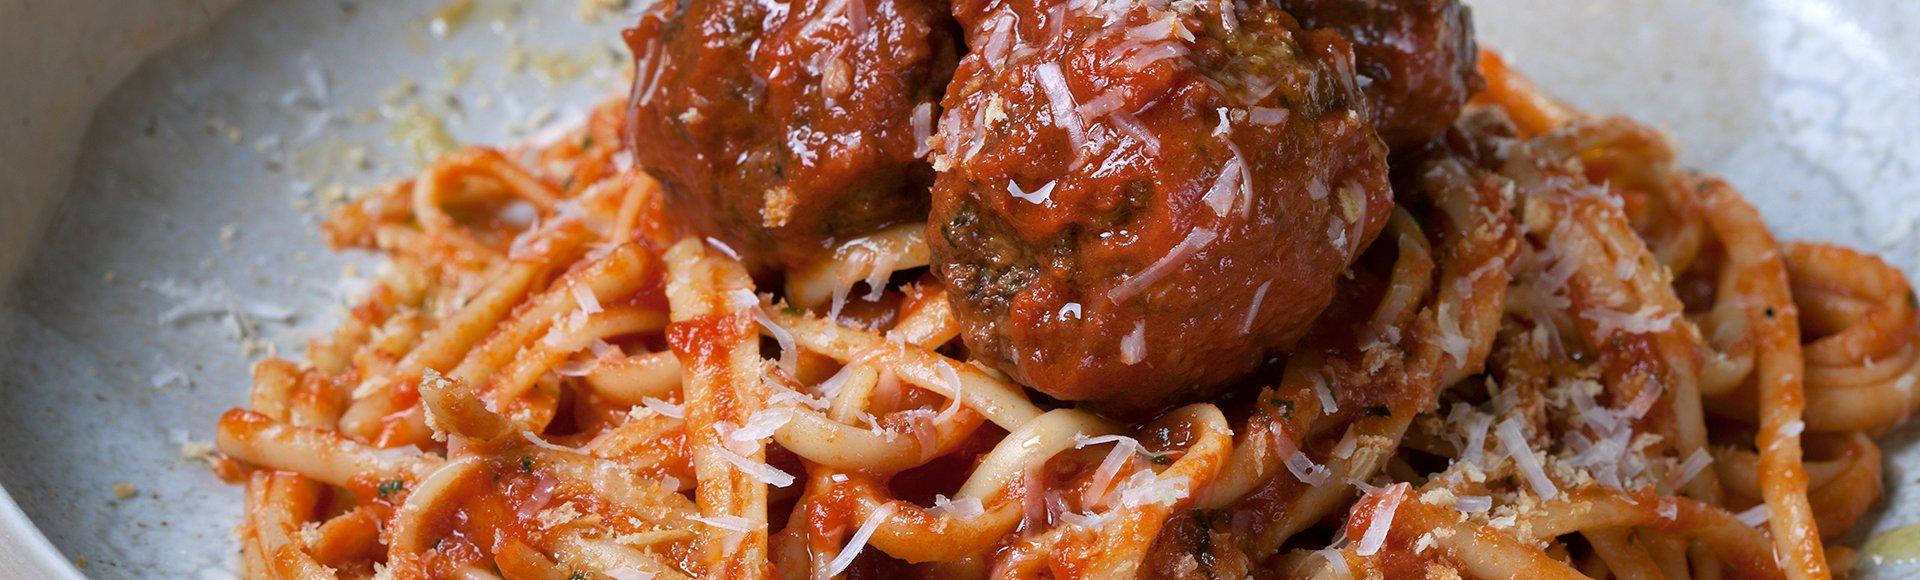 Σπαγγέτι με σάλτσα ντομάτας και κεφτεδάκια